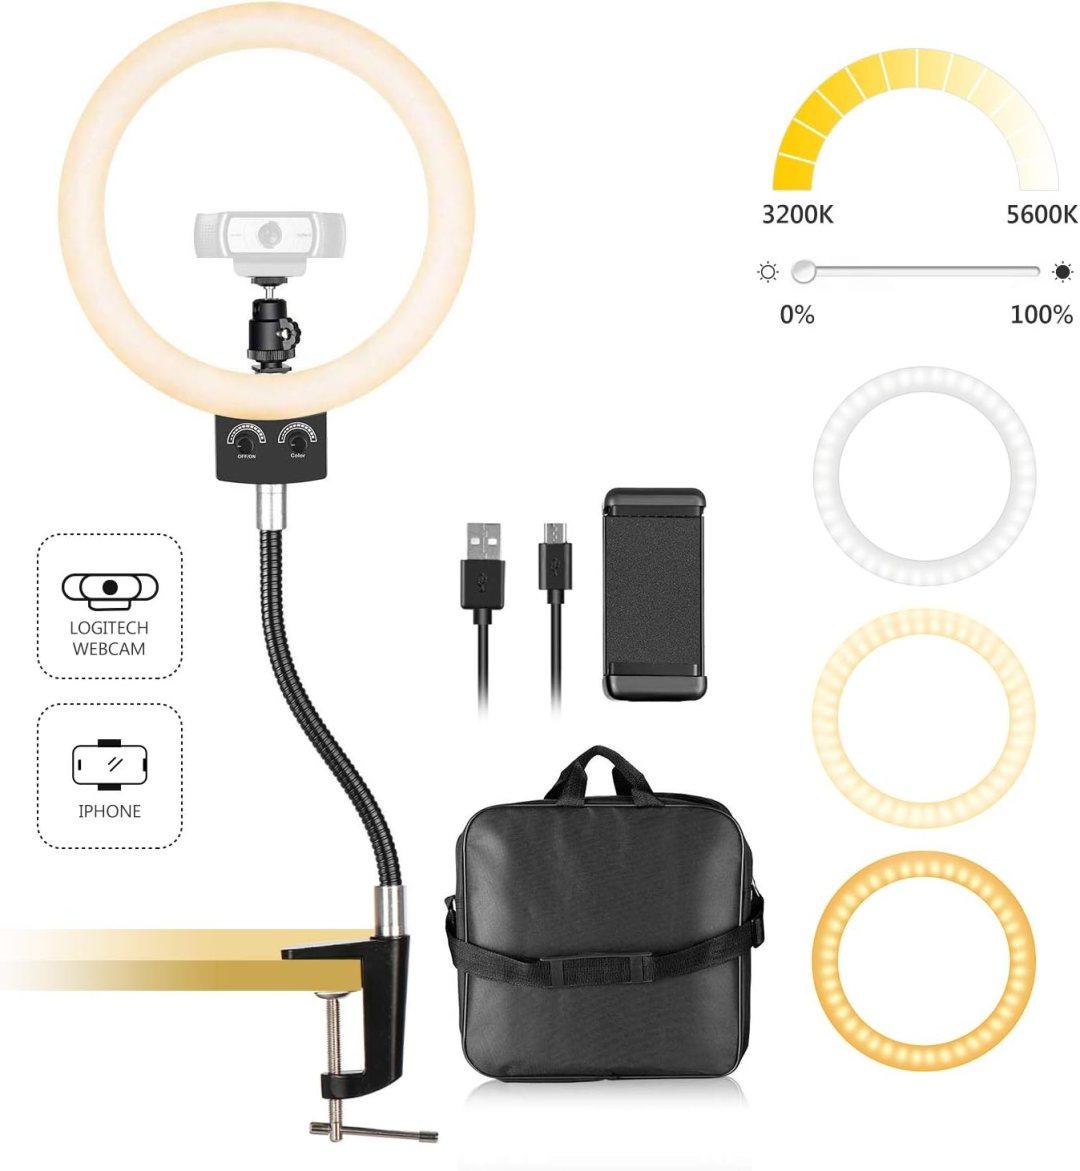 Neewer USB LED Ring Light 8,9 Pouces pour Webcam - Lumière Dimmable avec Pied Flexible et Porte-Smartphone pour Logitech Webcam C920 C922x C930e Brio 4K C925e C922 C930 C615 et Smartphone